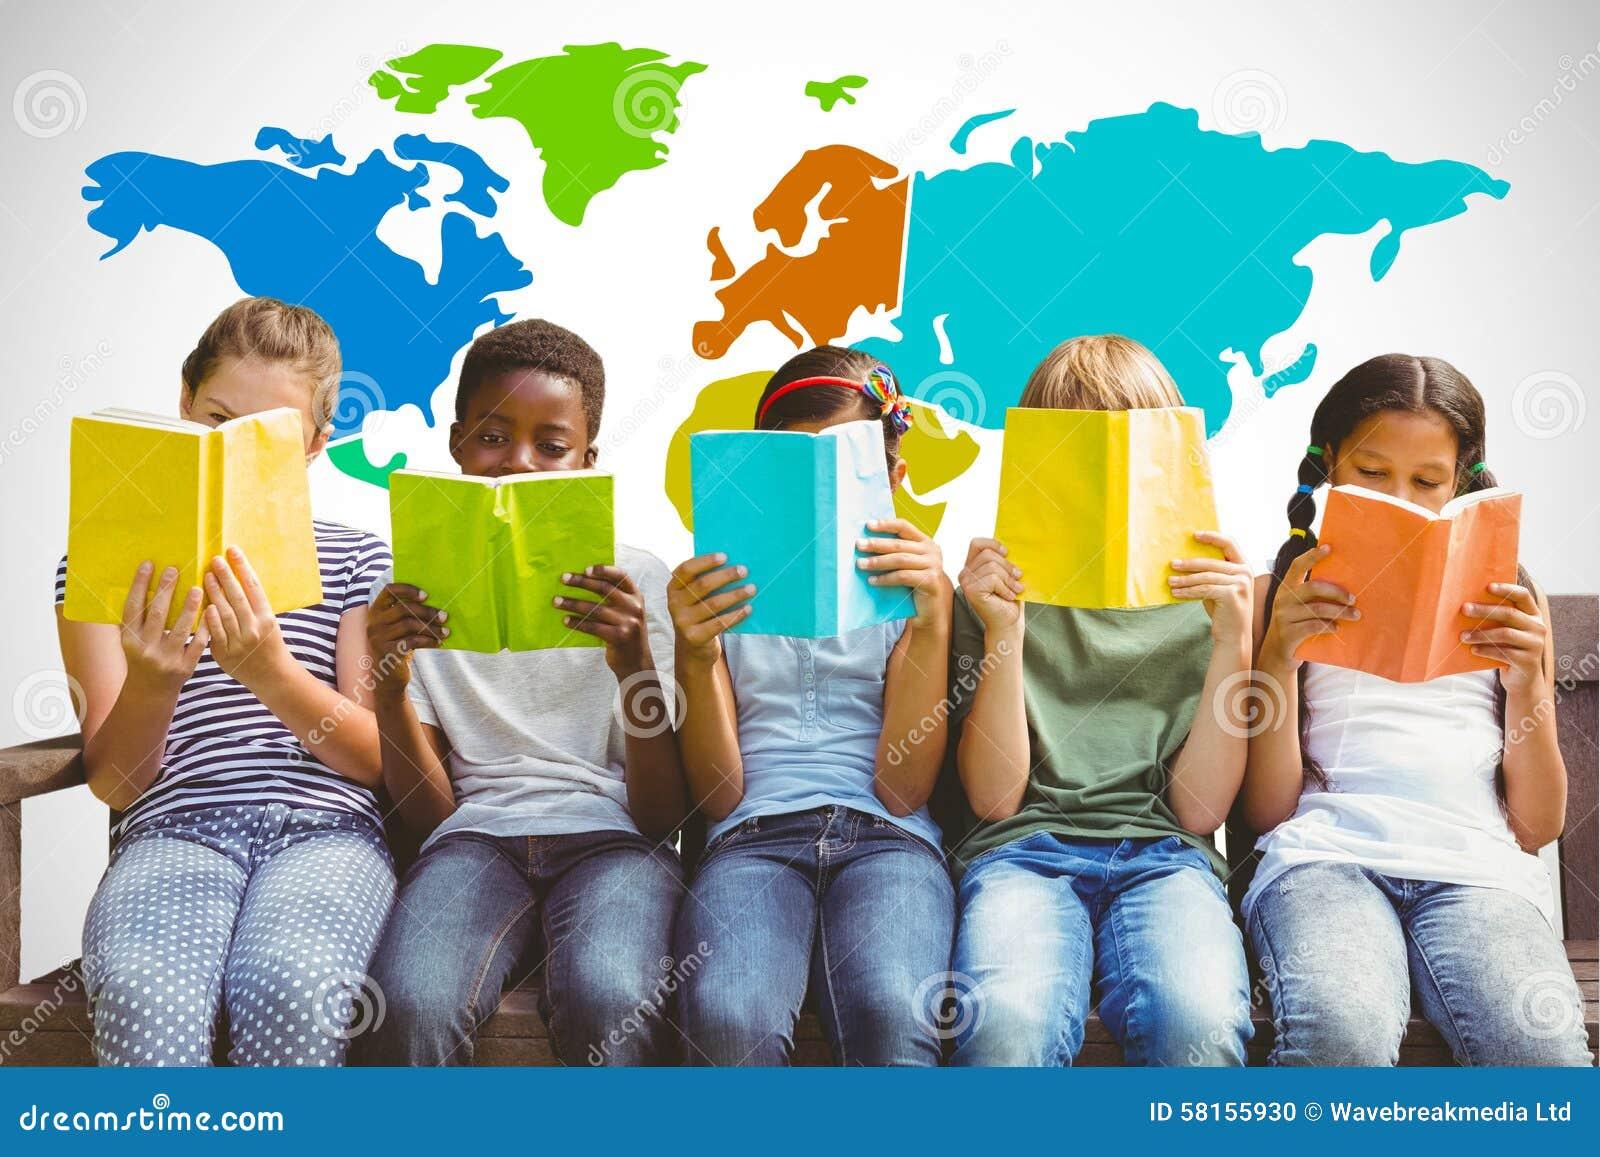 Imagen compuesta de los libros de lectura de los niños en el parque